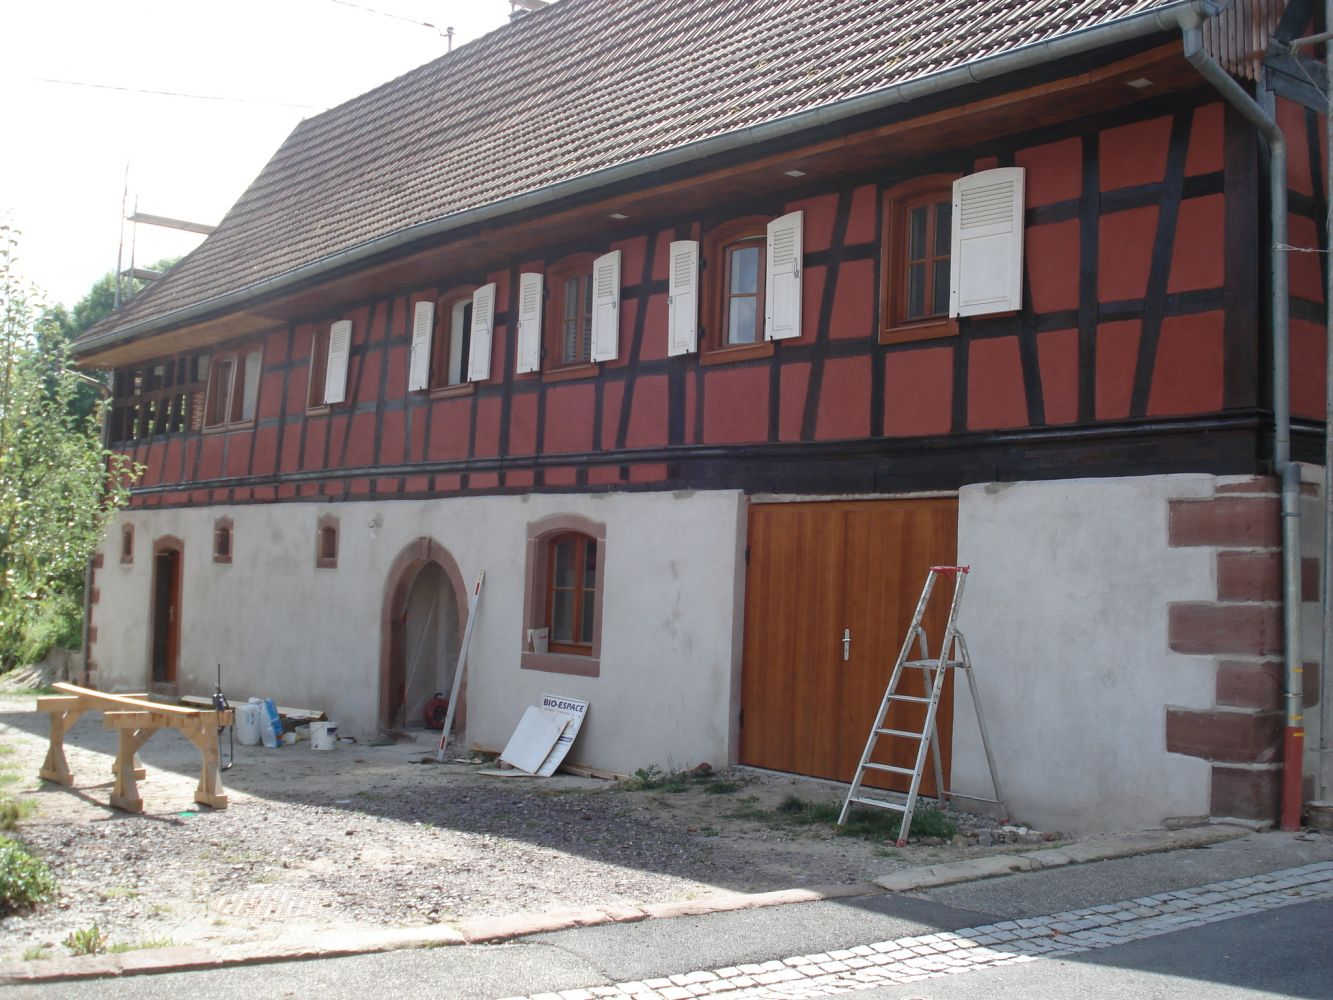 Rénovation et transformation en gite d'une grange du 18e siècle